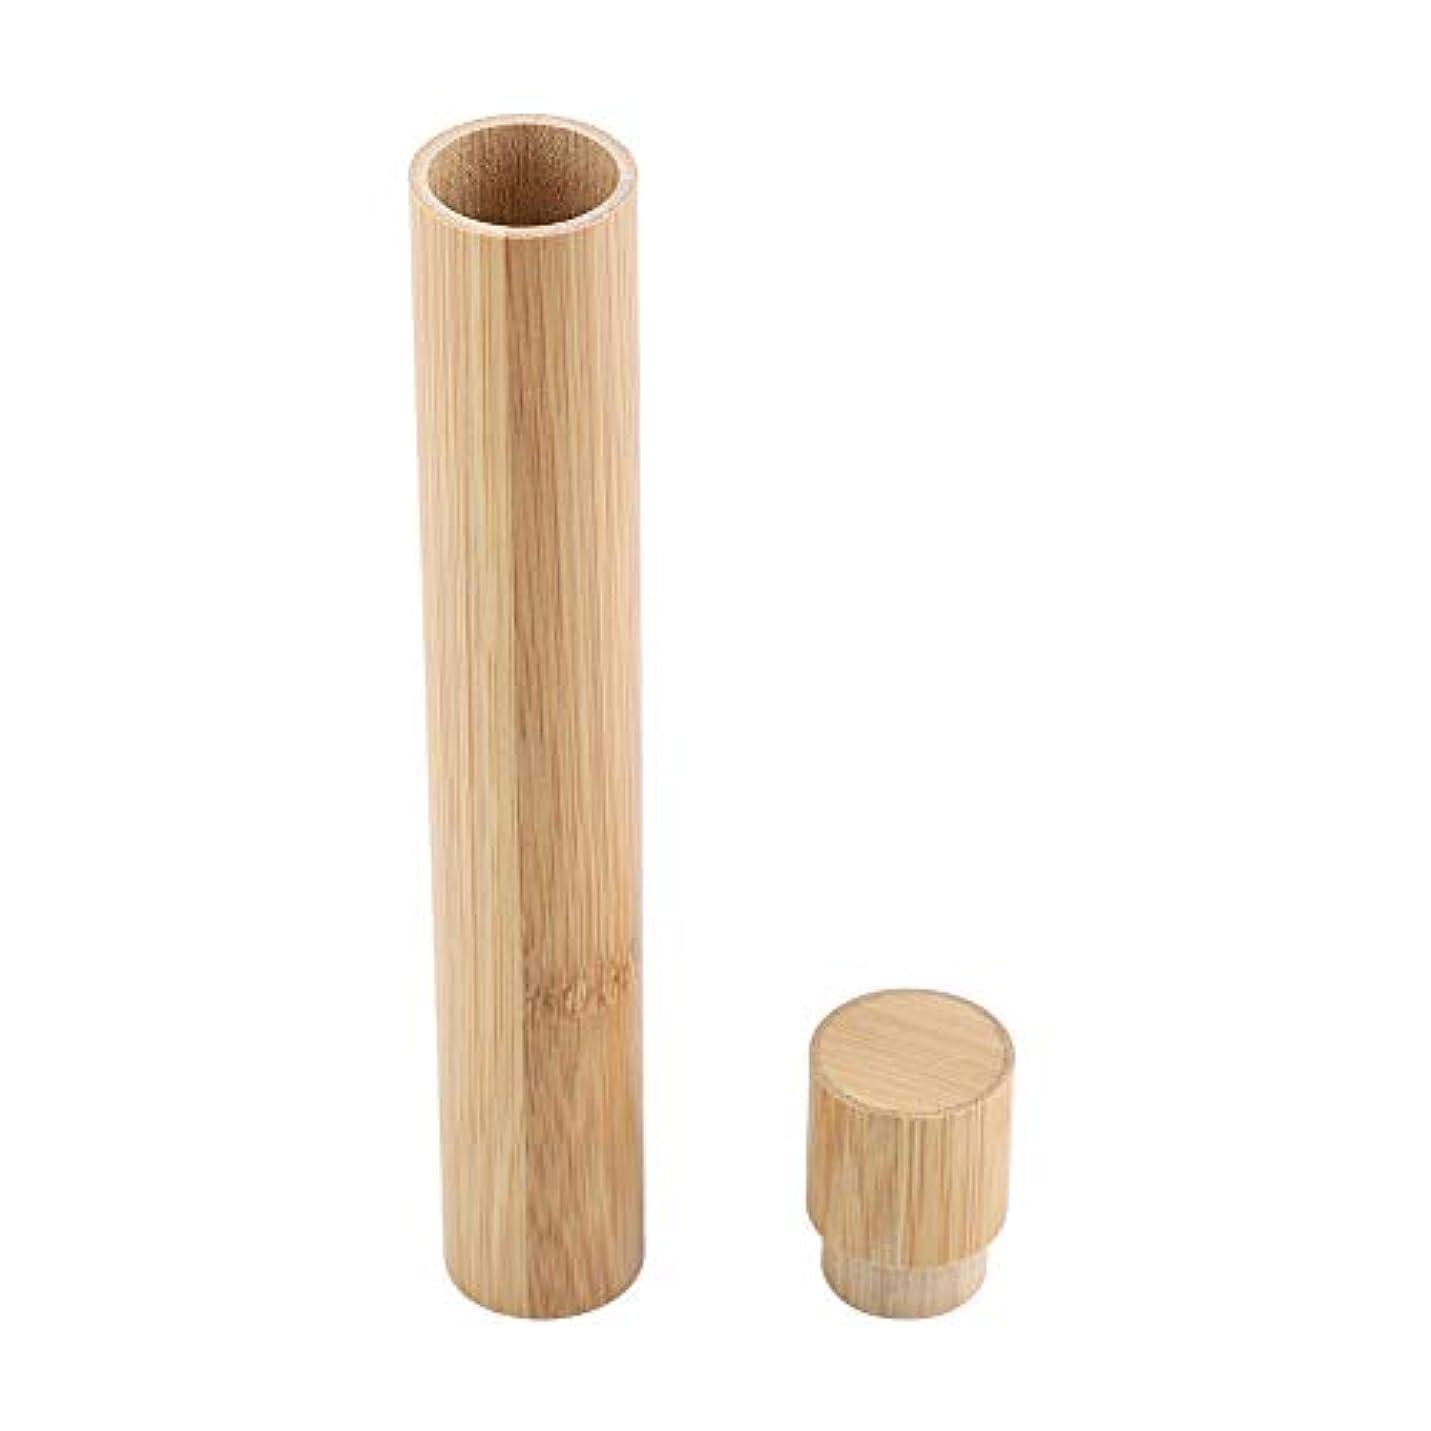 デザイナーピグマリオングローブ歯ブラシケース ブラシホルダー ブラシ収納 ポータブル エコフレンドリー 木製 竹 トラベル用 プロテクト 収納ケース ブラシ保護